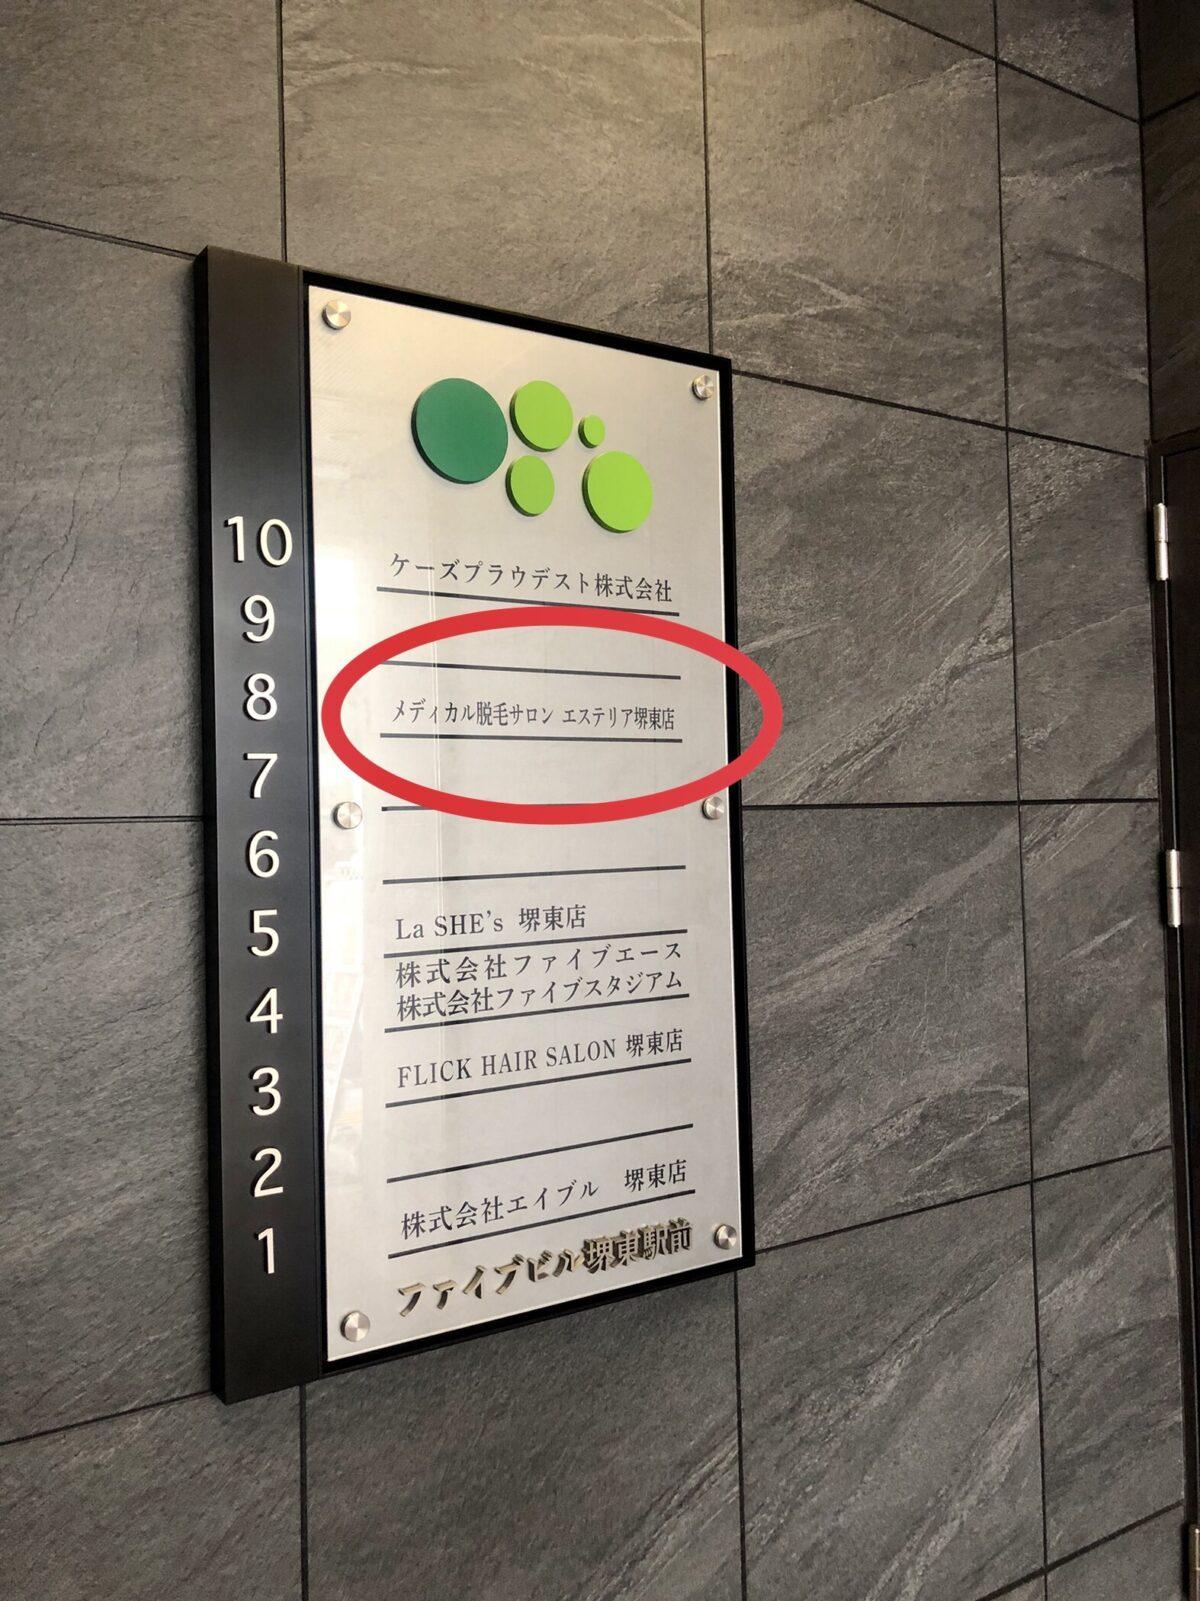 【祝オープン】堺区・堺東駅前にメディカル脱毛サロン『ESTHERIA (エステリア)堺東店』がオープンしたよ♪: